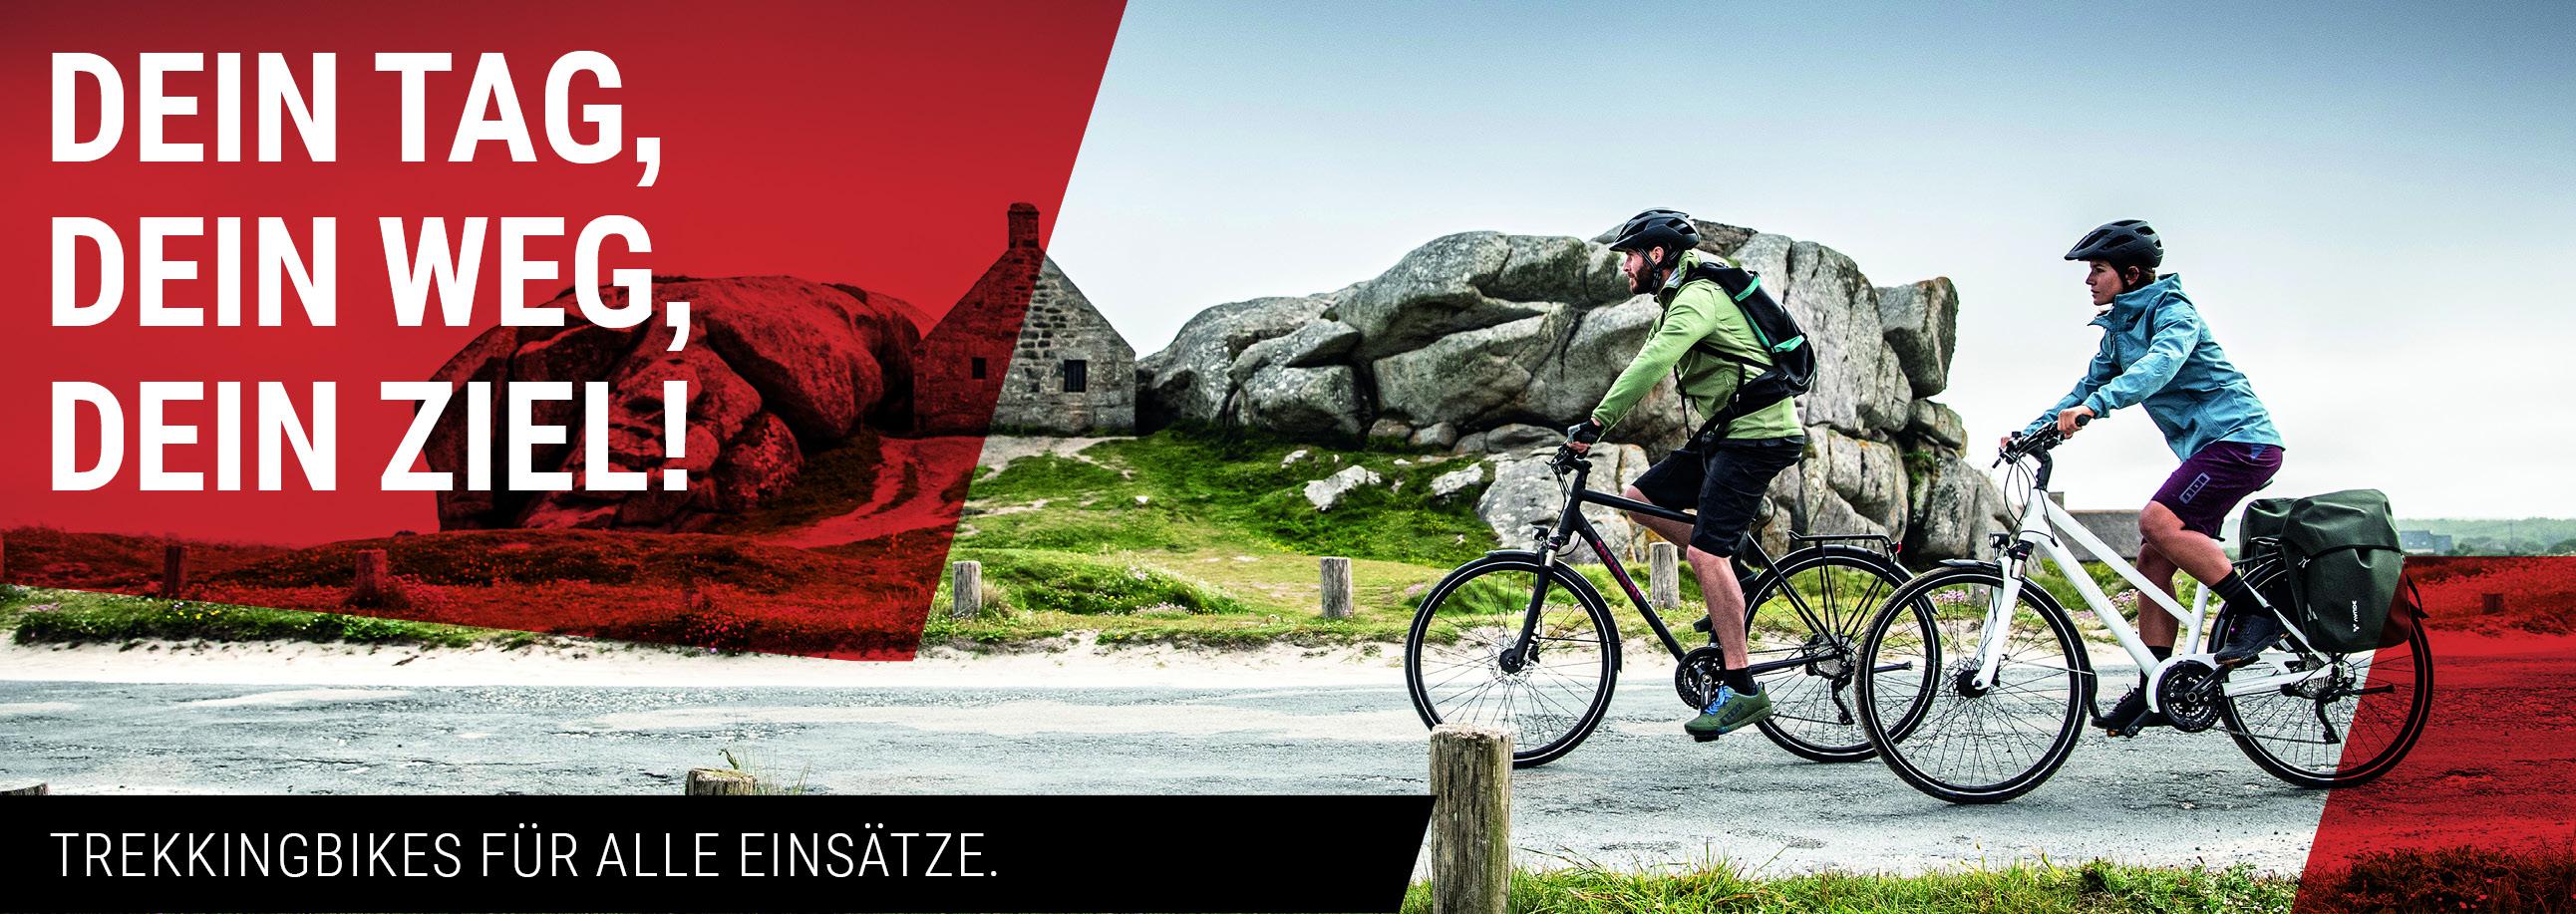 Dein Tag, Dein Weg, Dein Ziel! Trekkingbikes im Radhaus.